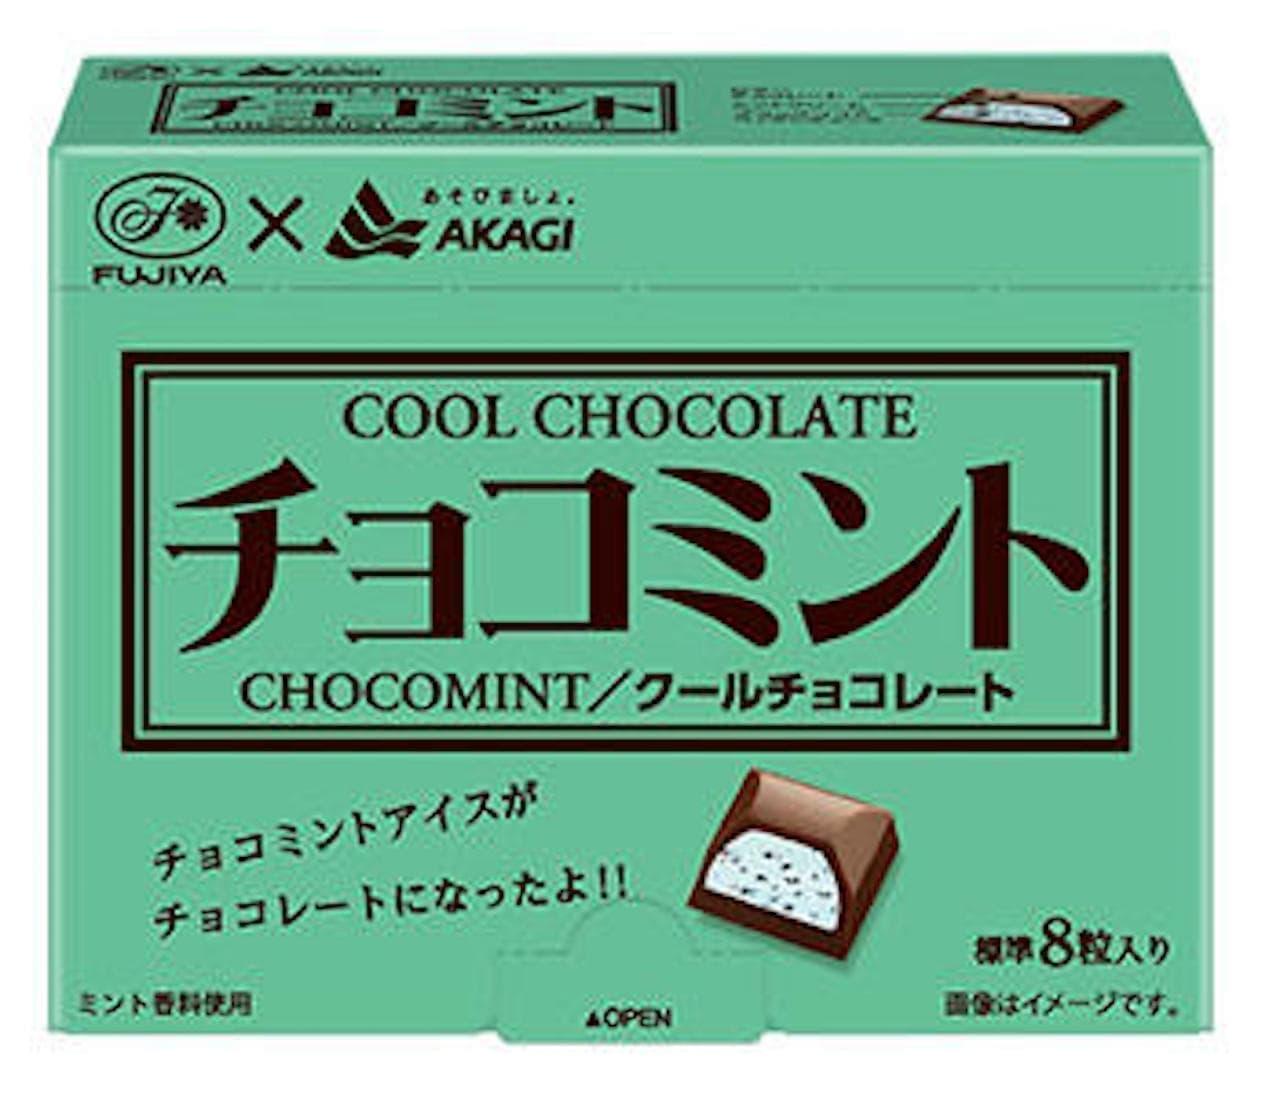 不二家から赤城乳業とコラボレーションした「チョコミントチョコレート」